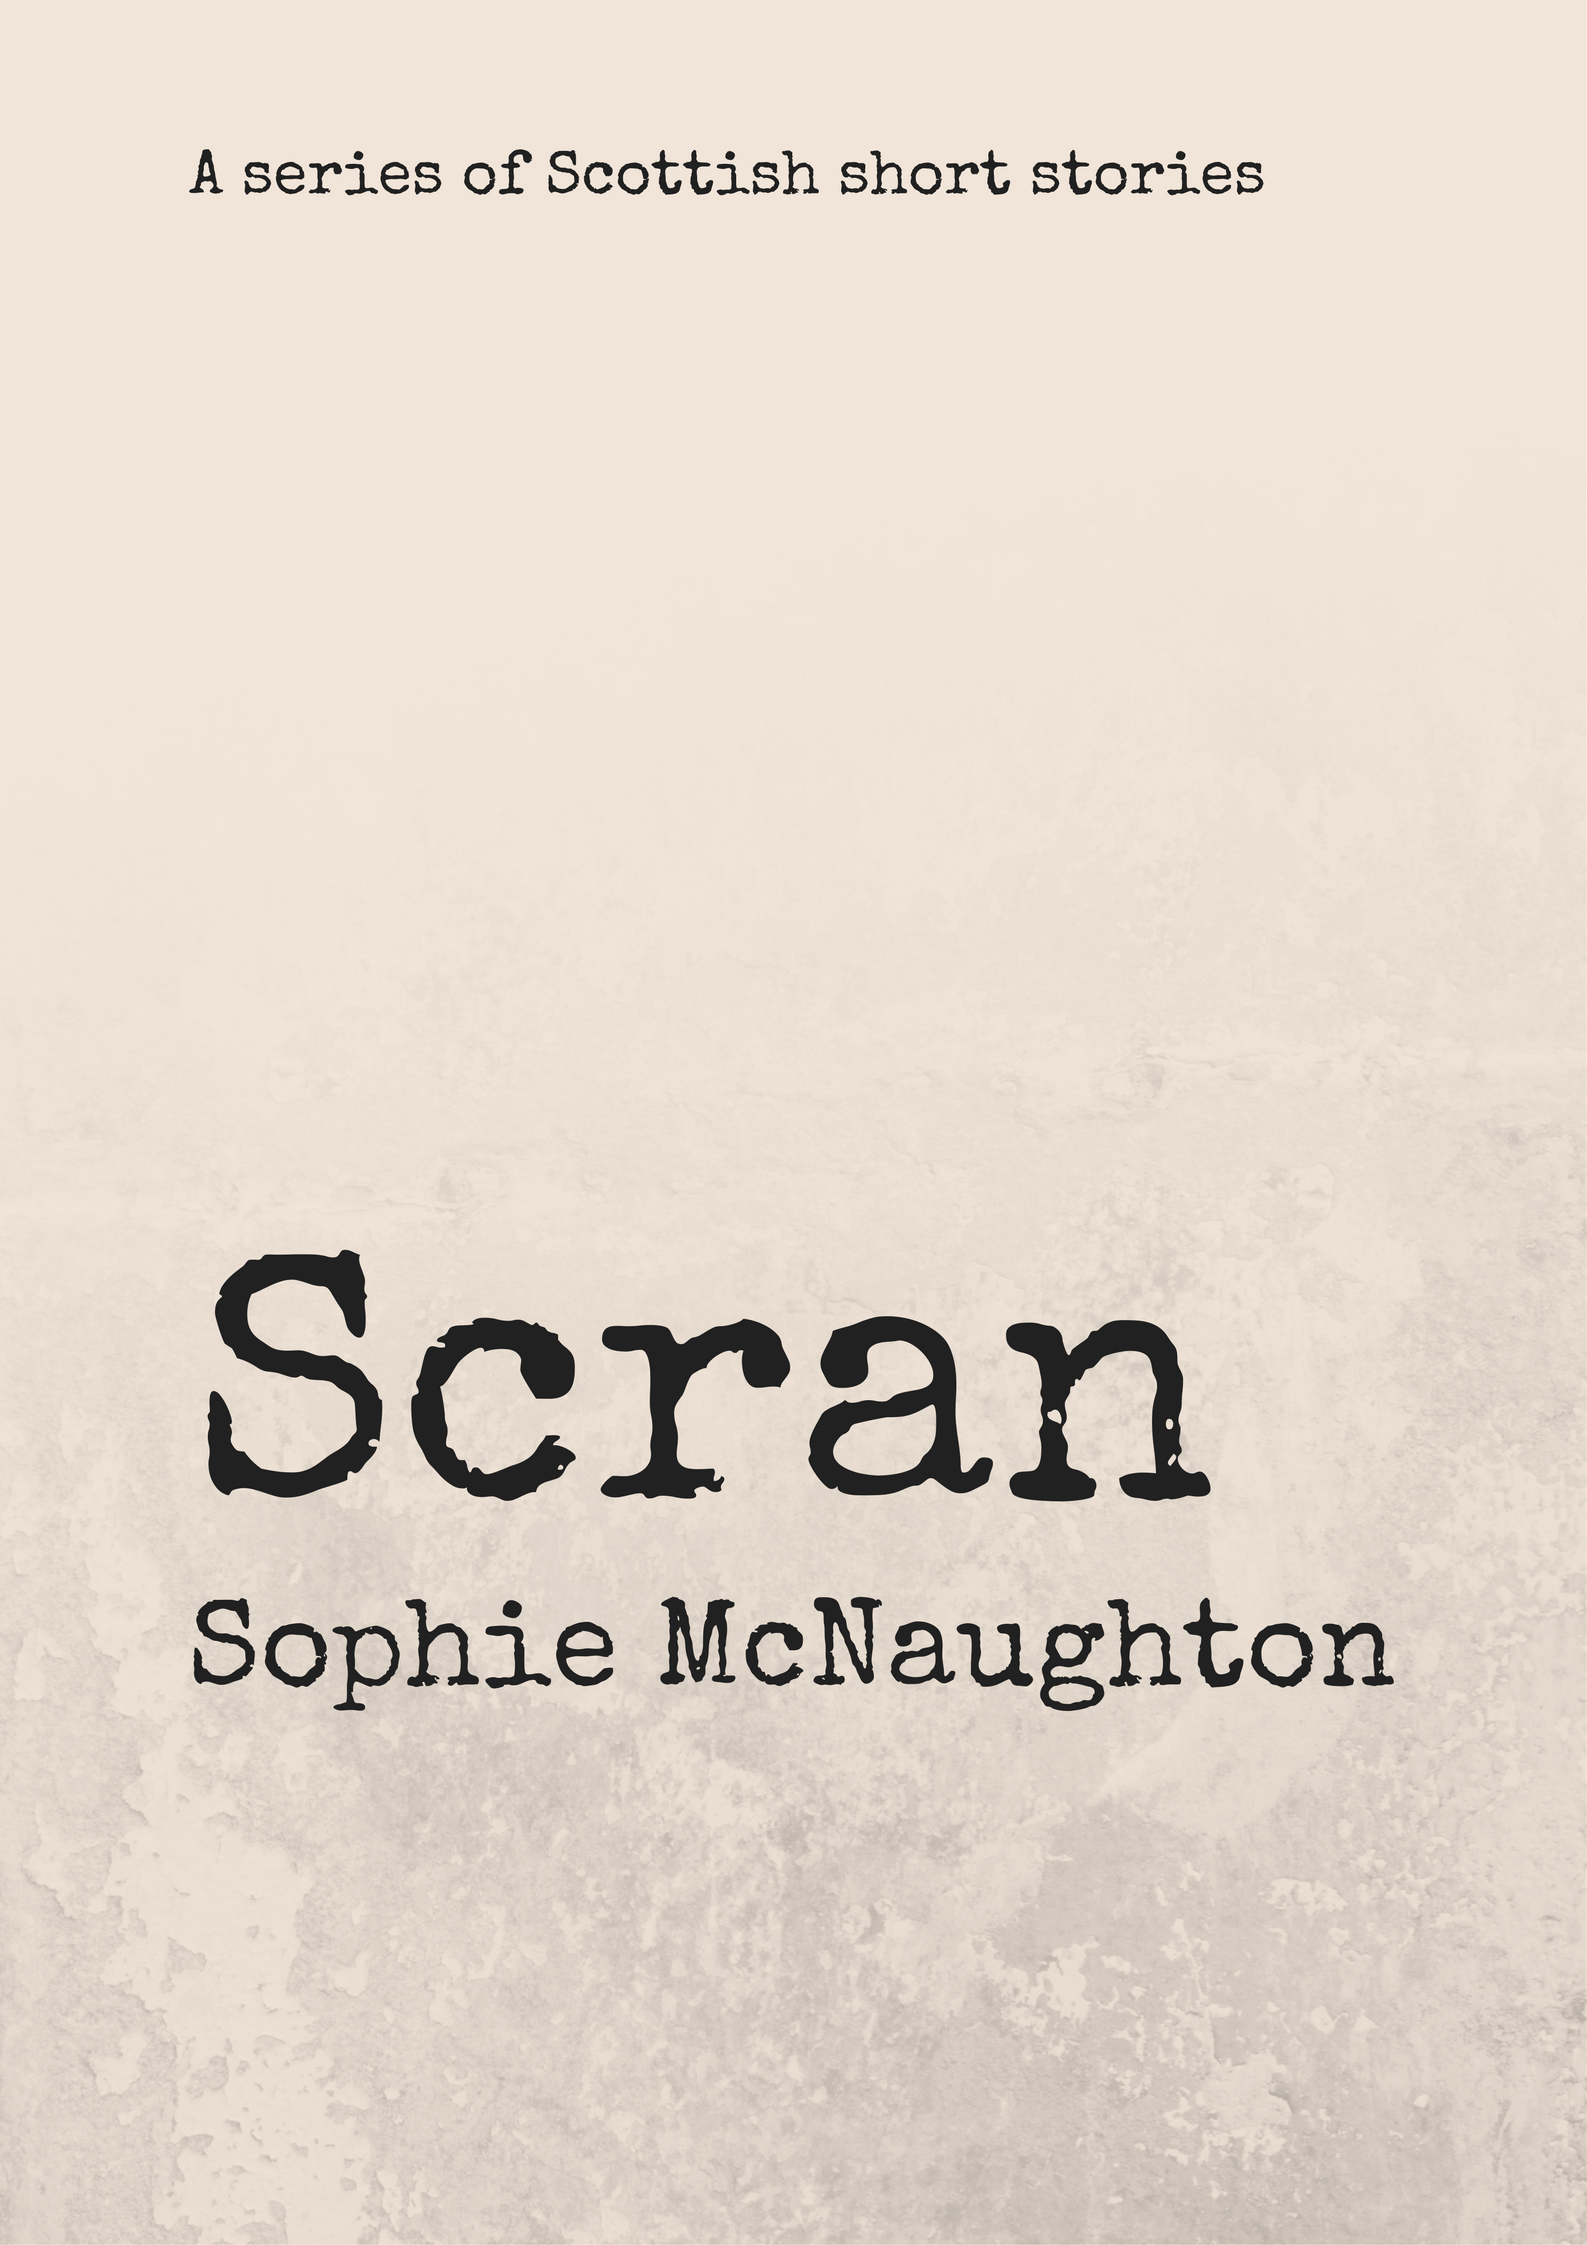 scran